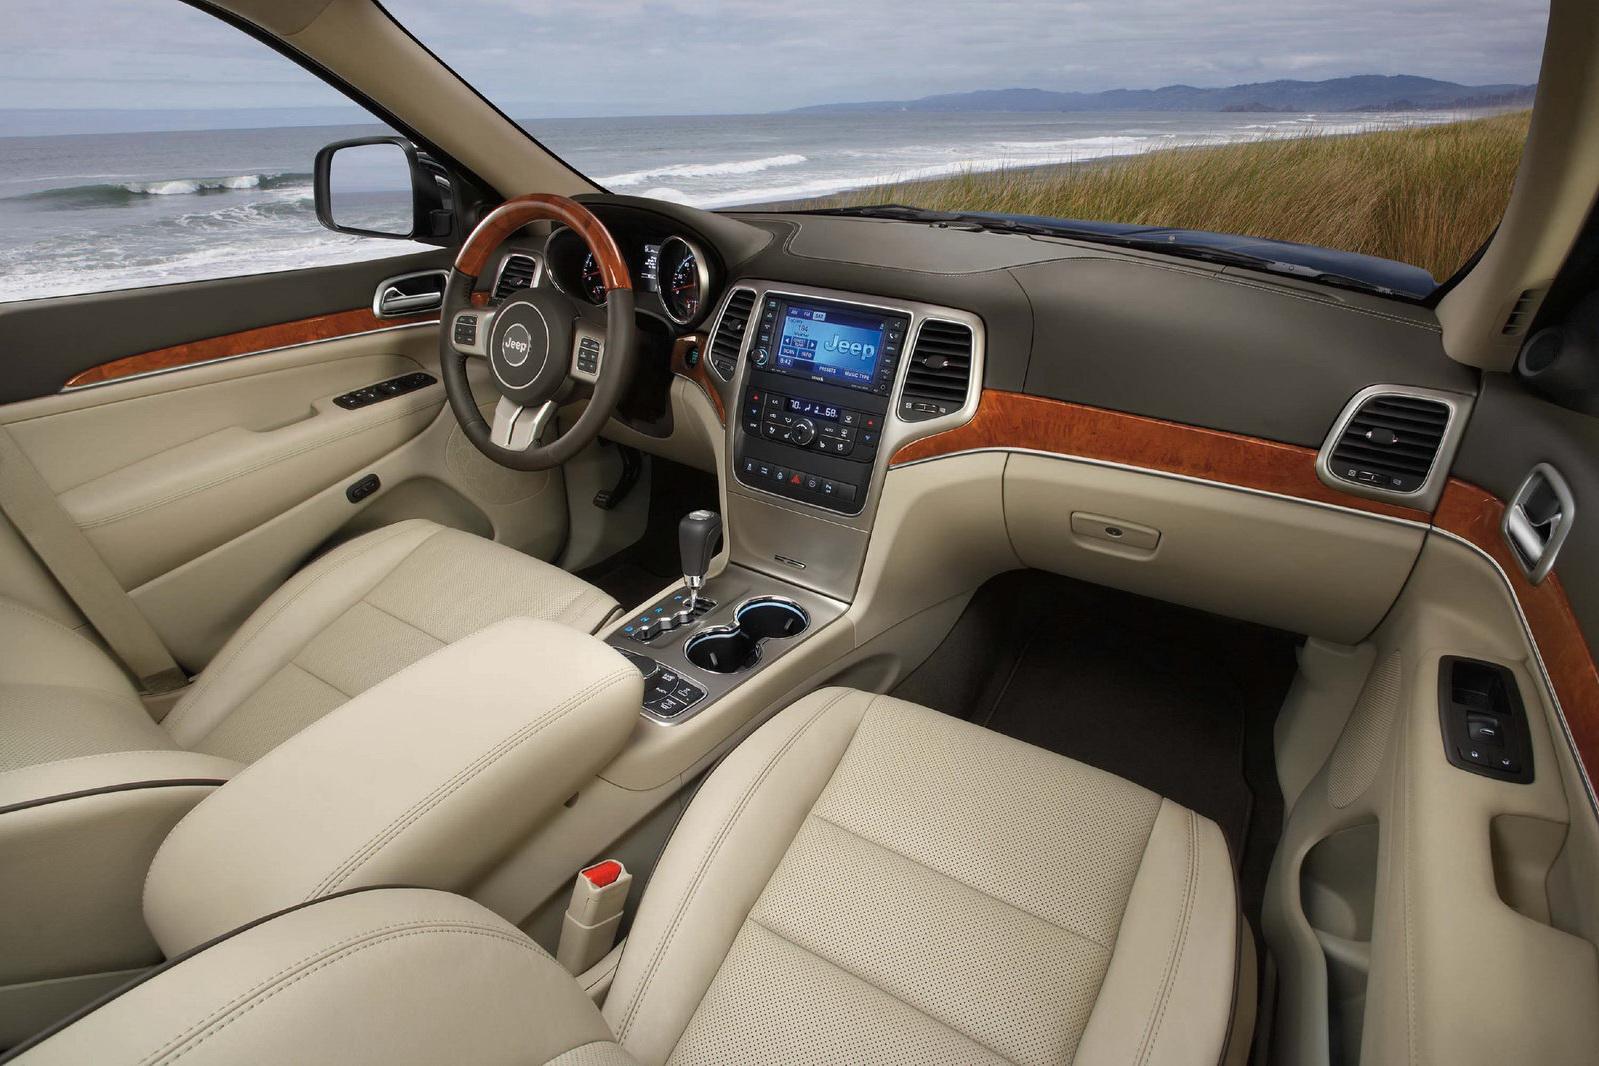 2007 Jeep Grand Cherokee Laredo >> Más fotos del nuevo Jeep Grand Cherokee